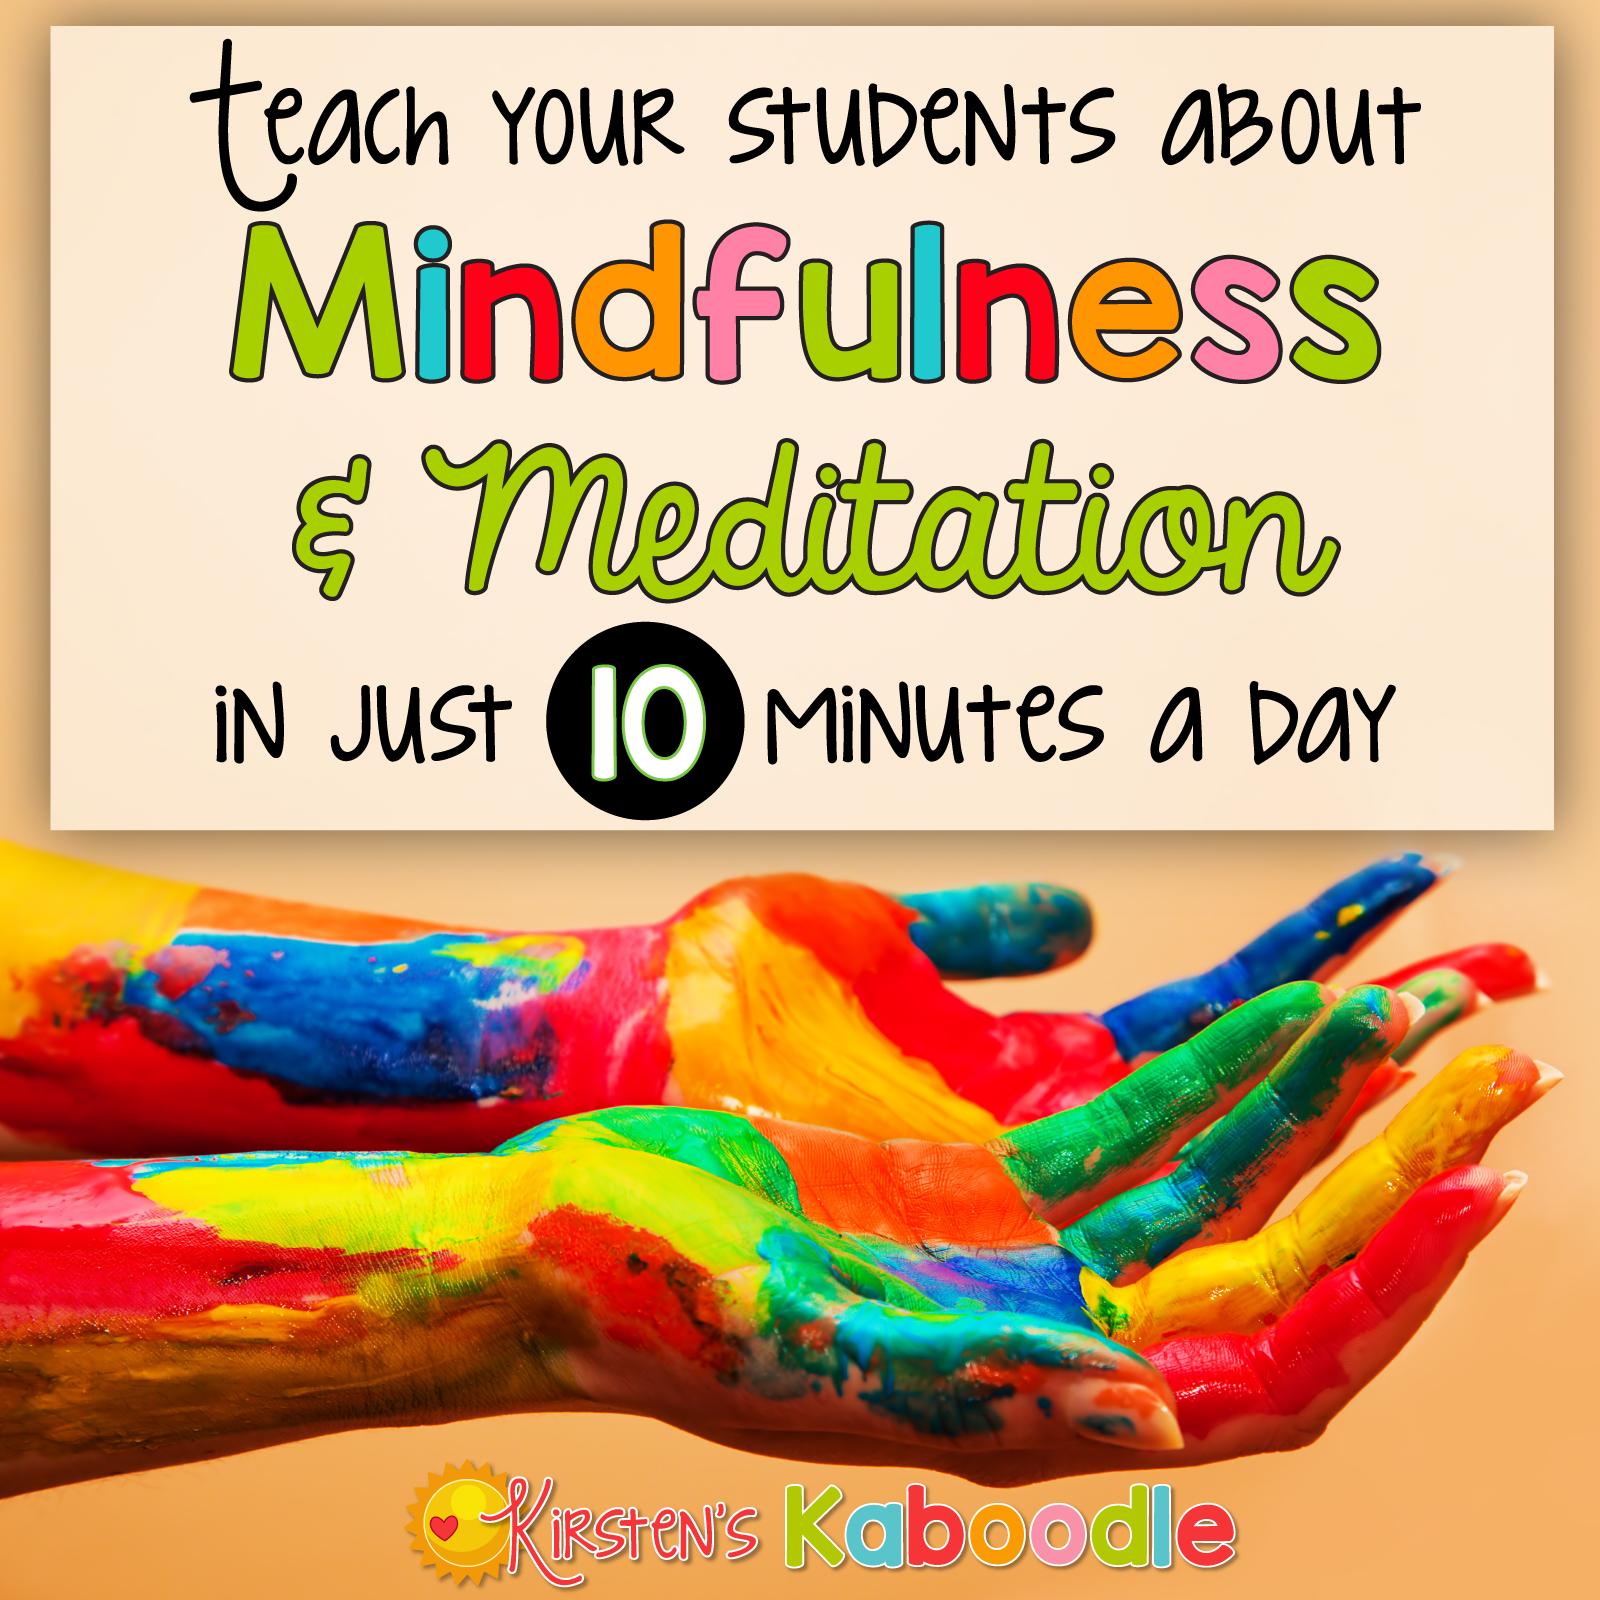 Is Mindfulness Meditation Good For Kids >> Mindfulness And Meditation For Kids In Just 10 Minutes A Day